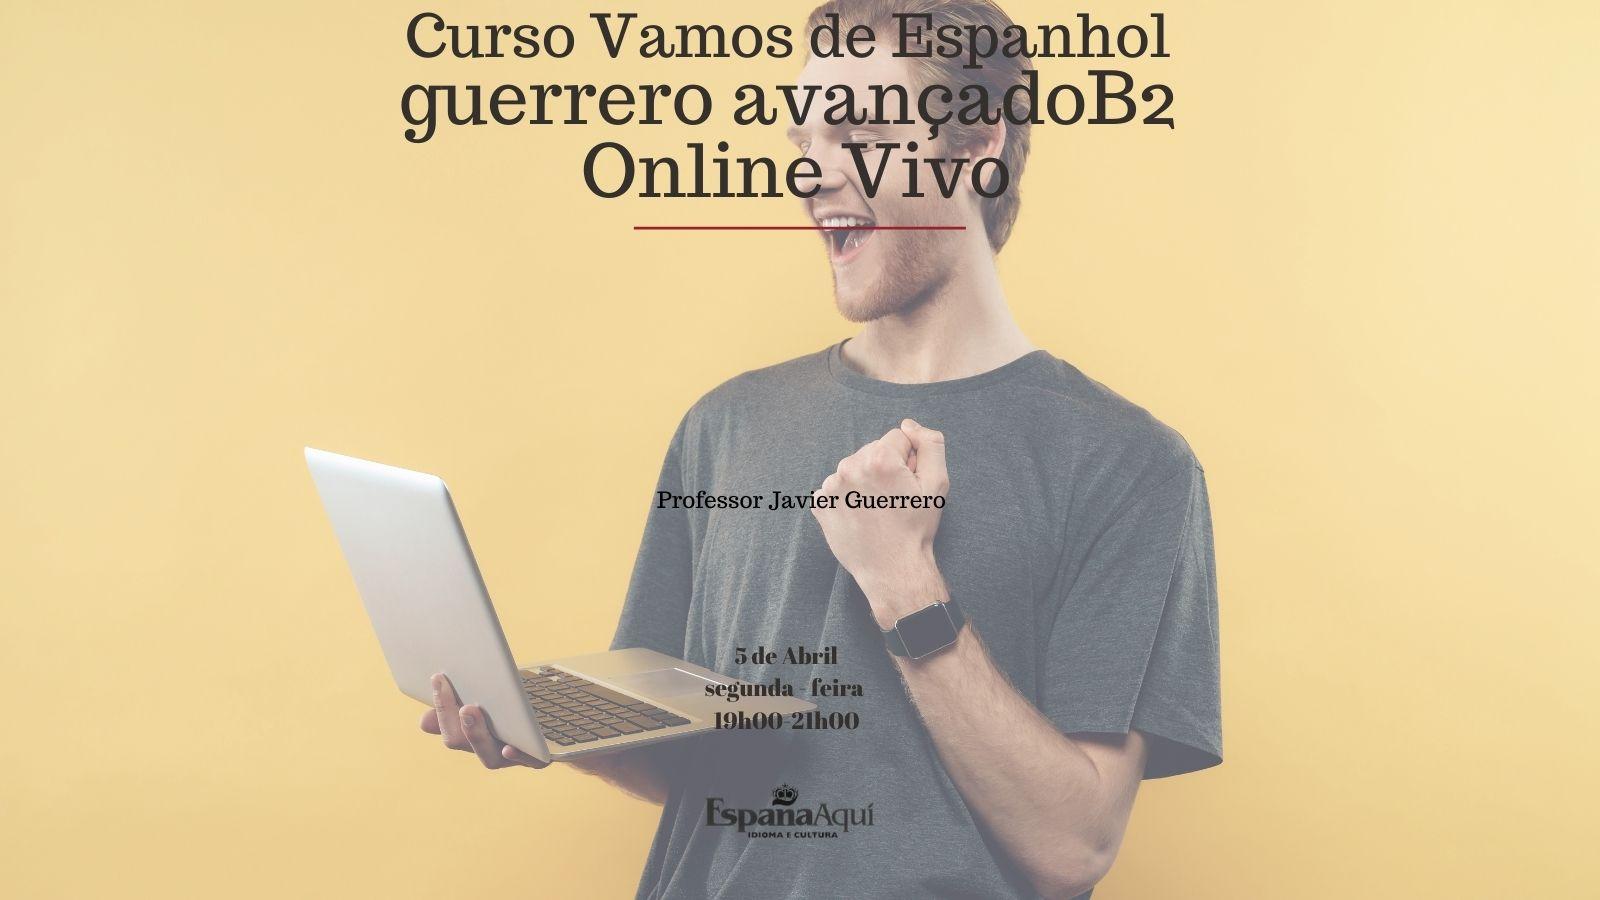 http://www.espanaaqui.com.br/pdf/mar%c3%a7o2021/C%c3%b3pia%20de%20Priorit%c3%a1rio.%20avan%c3%a7adoB2%205%20de%20abril.jpg